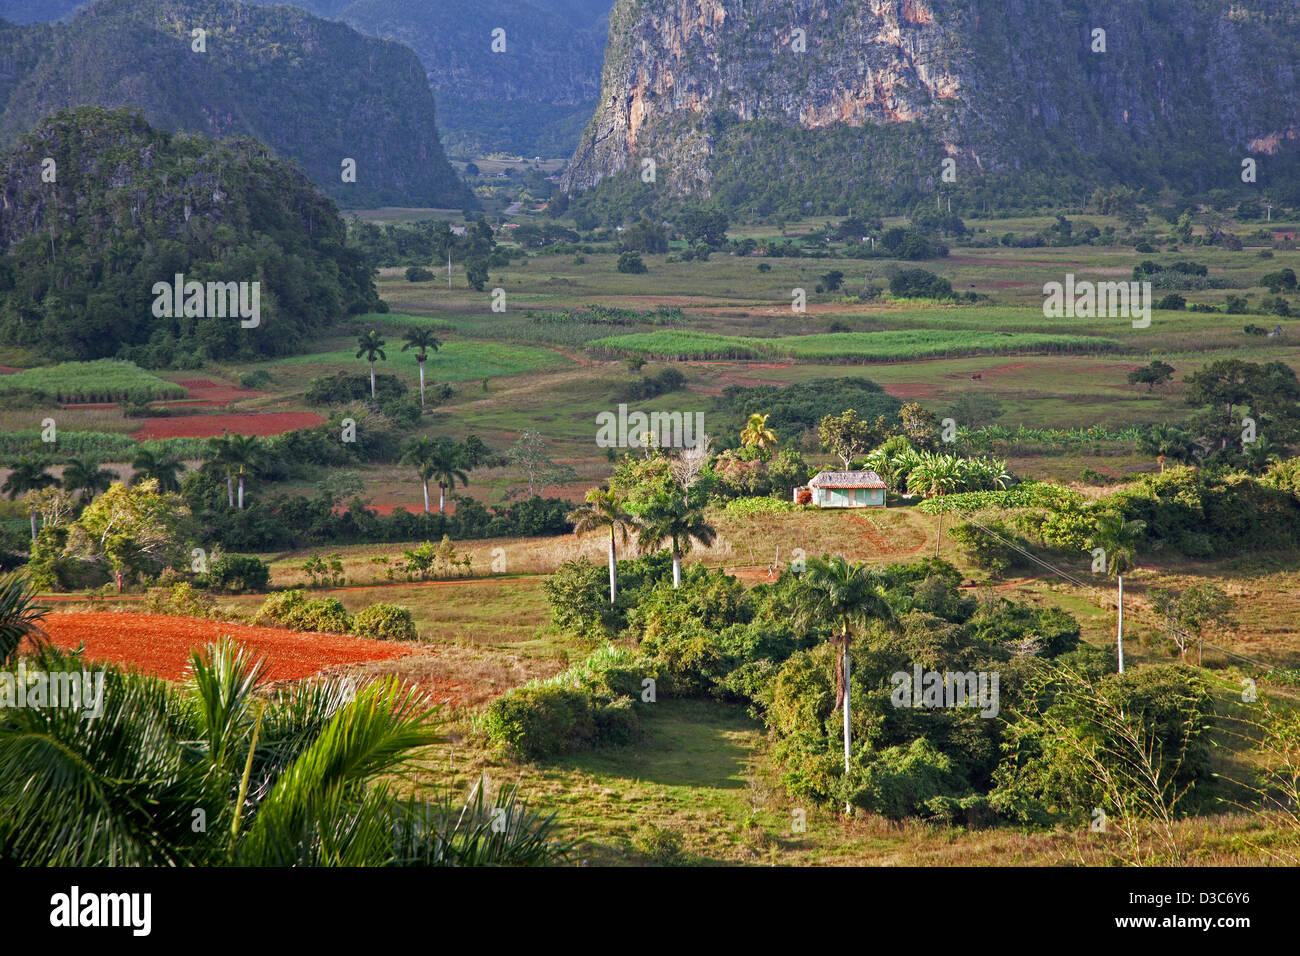 Traditional agriculture in the Viñales Valley / Valle de Viñales in the Sierra de los Organos, Pinar del - Stock Image